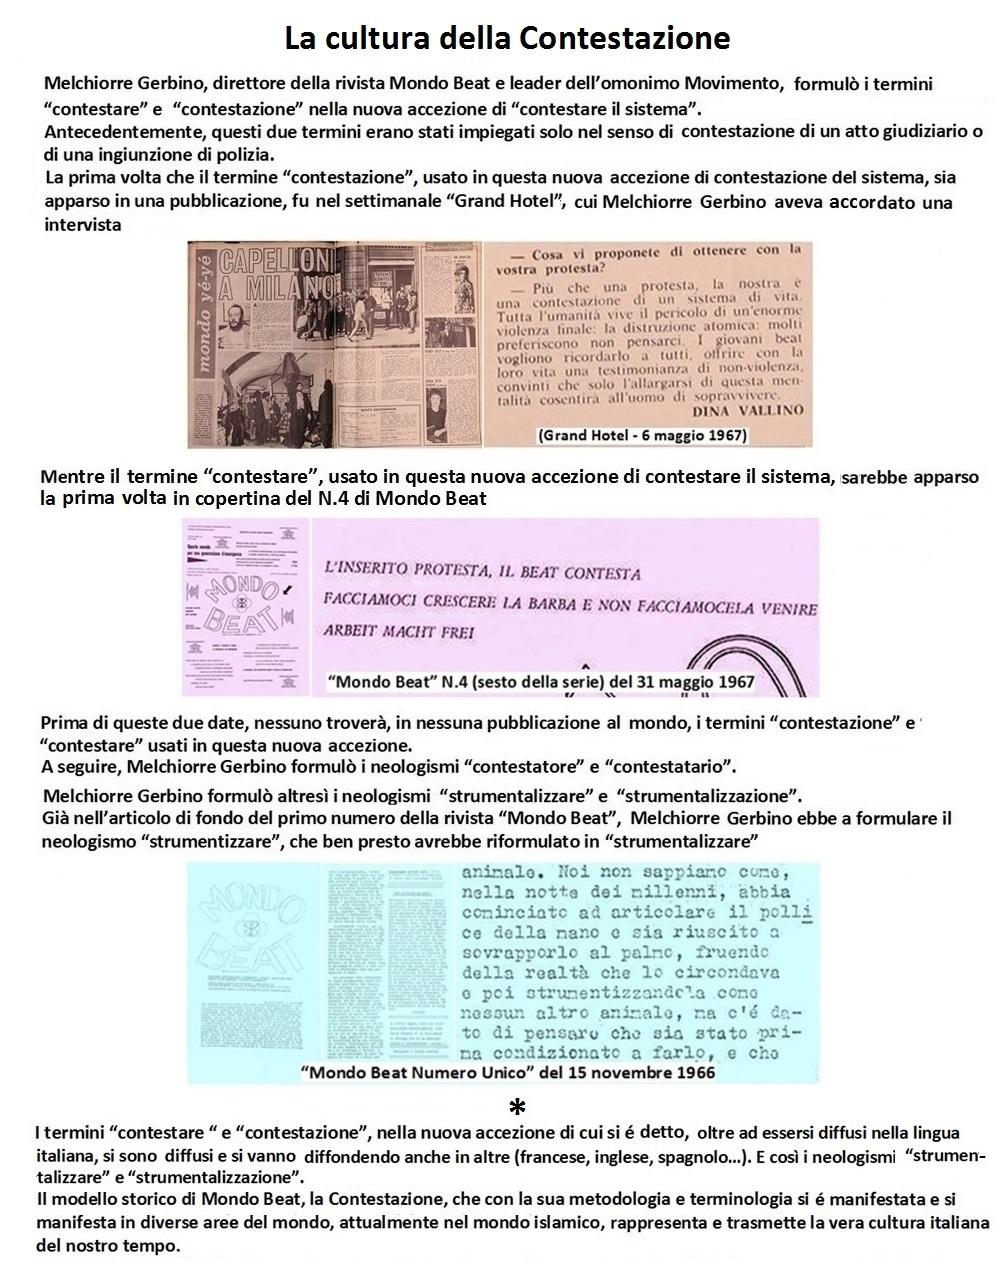 Melchiorre Gerbino formulò i modelli della Contestazione